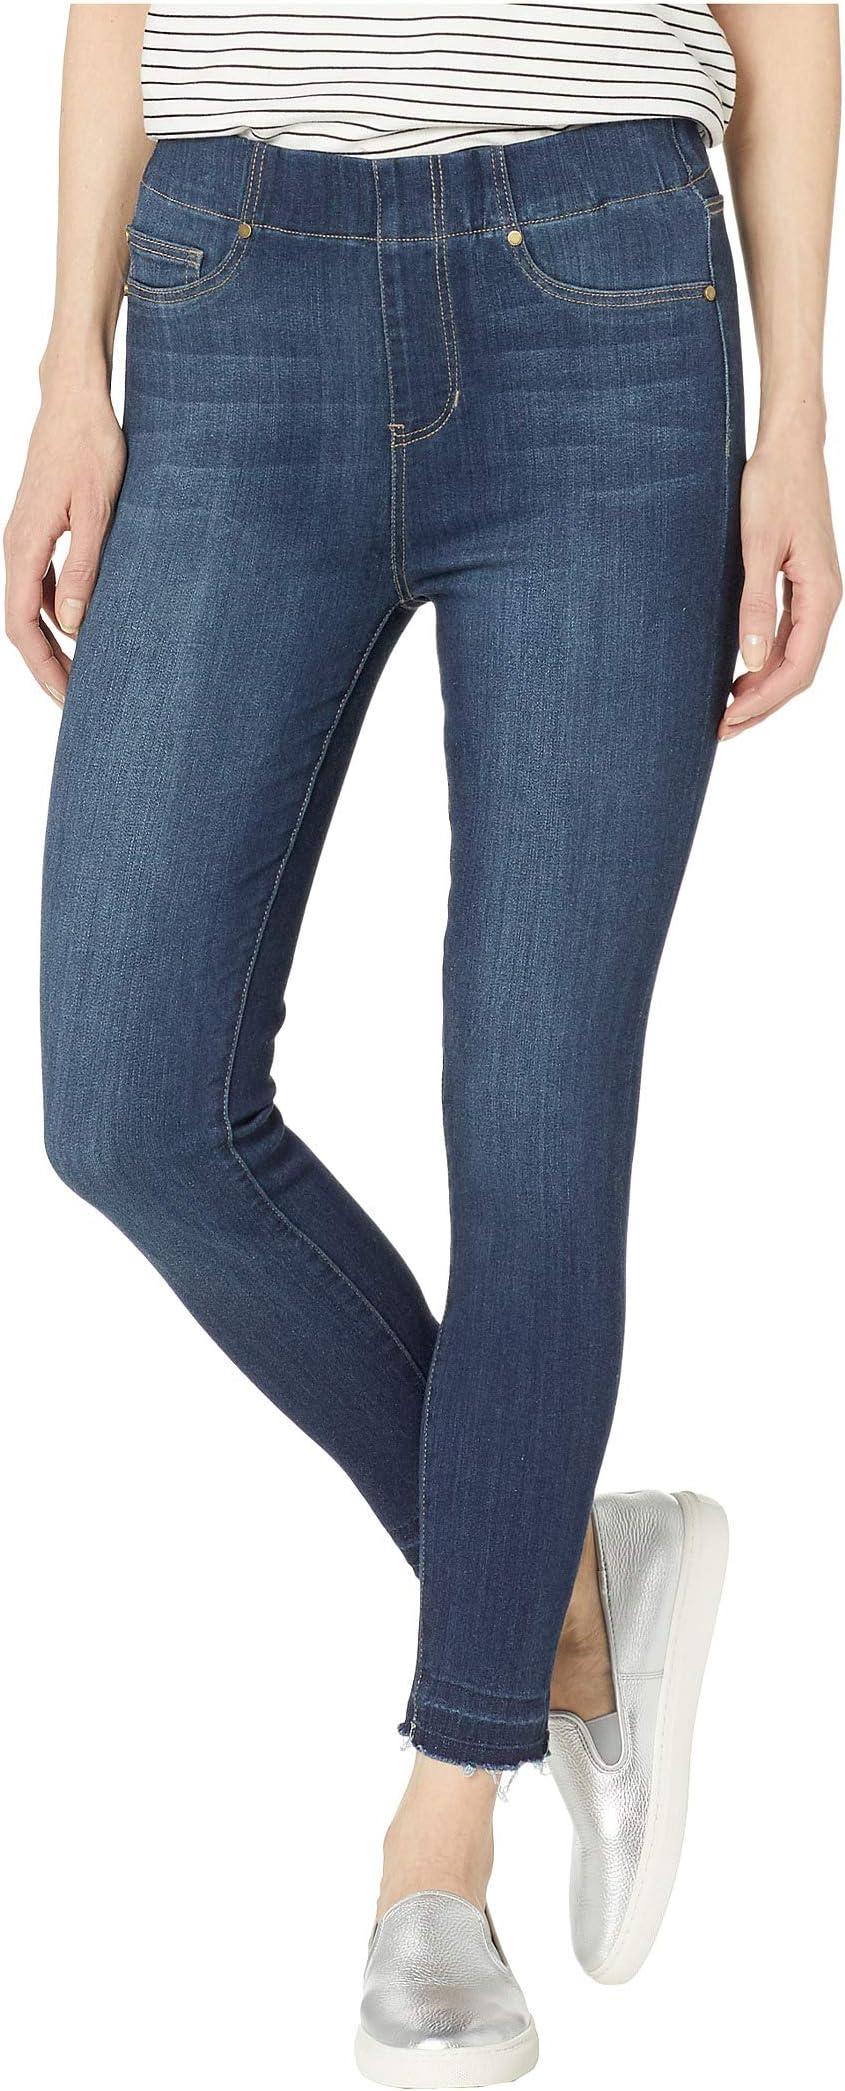 6e878a8345e82 Liverpool Jeans Company Denim & Jackets | Zappos.com